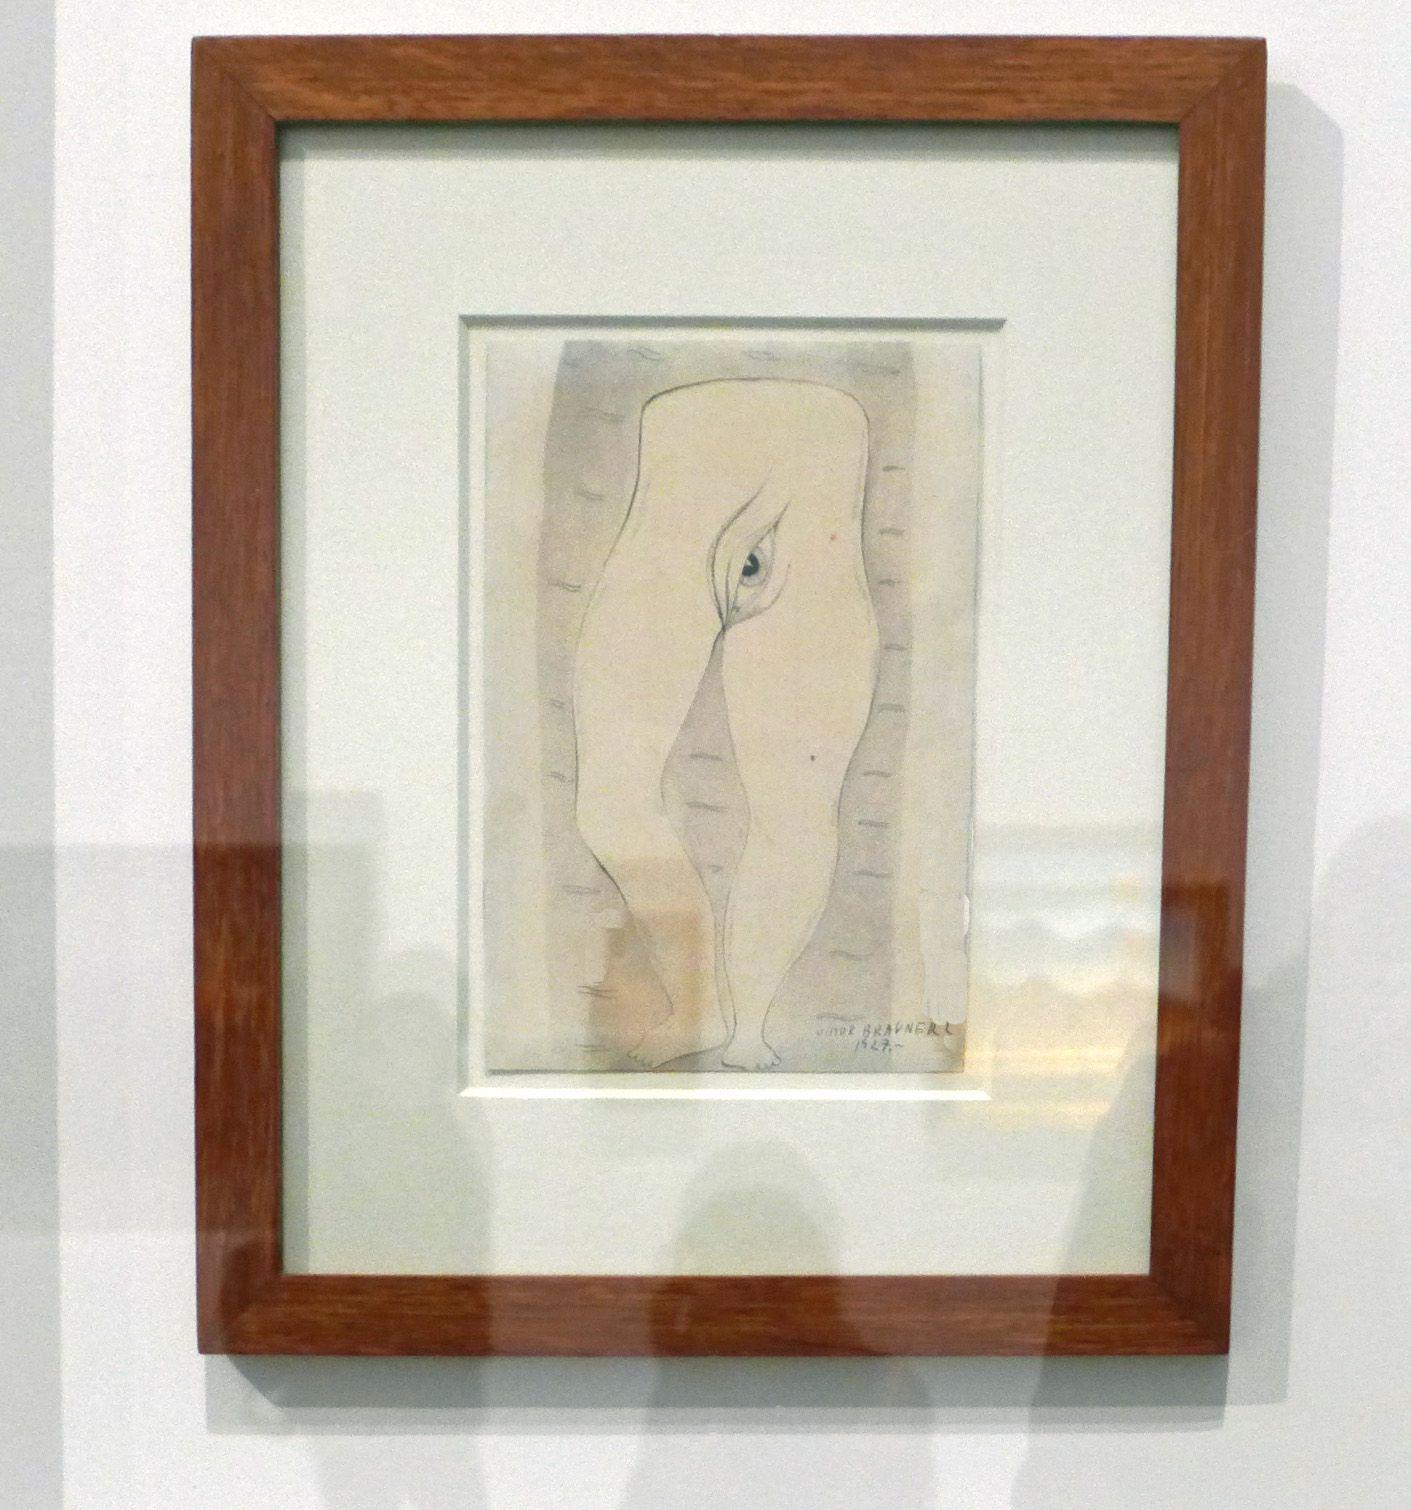 Le Monde paisible, encre sur papier filigrané, 1927. Centre Pompidou, Paris.